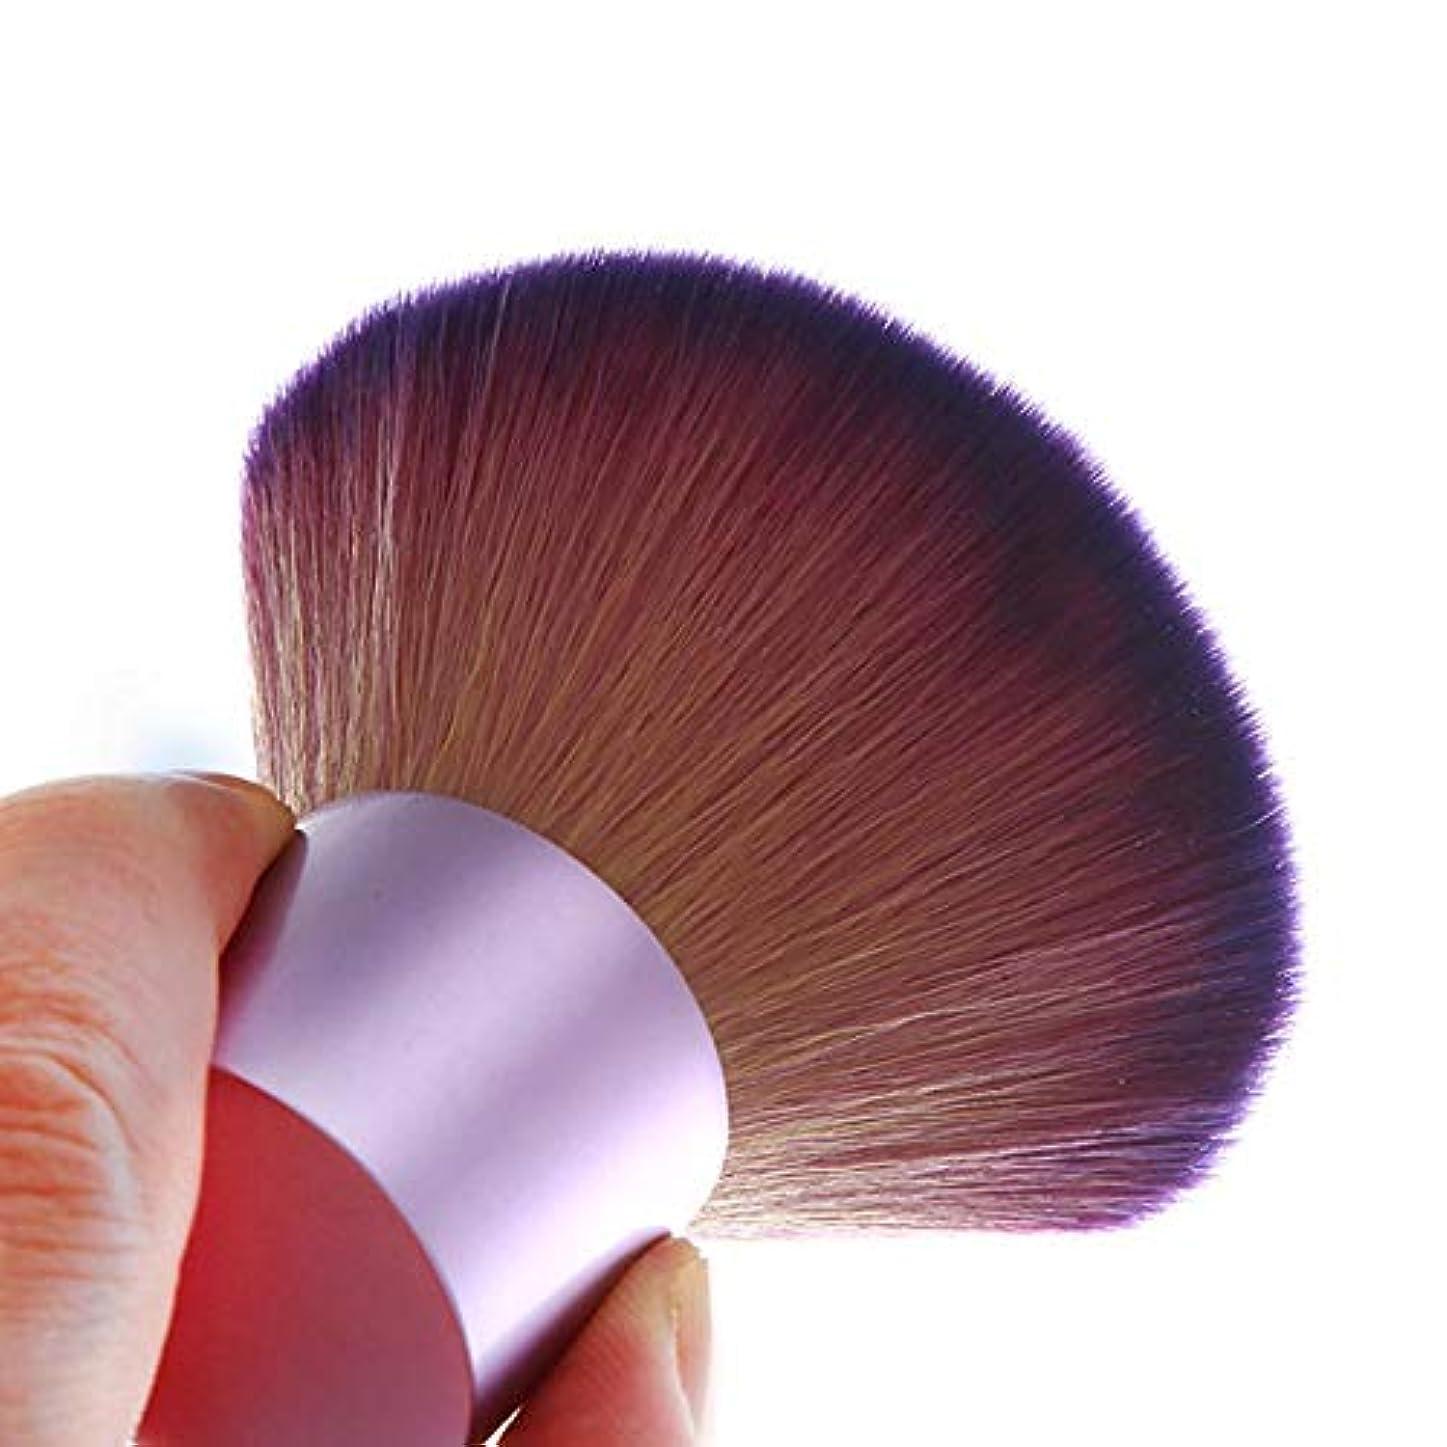 郵便屋さん好戦的な主流Graprx 持ち運びに便利多机能収縮メイクブラシ チークブラシ 化粧ブラシ絶妙な化粧ブラシ柔らかくて快適な化粧ブラシ 伸縮式デザイン スライド式 携帯用 ファンデーションブラシ